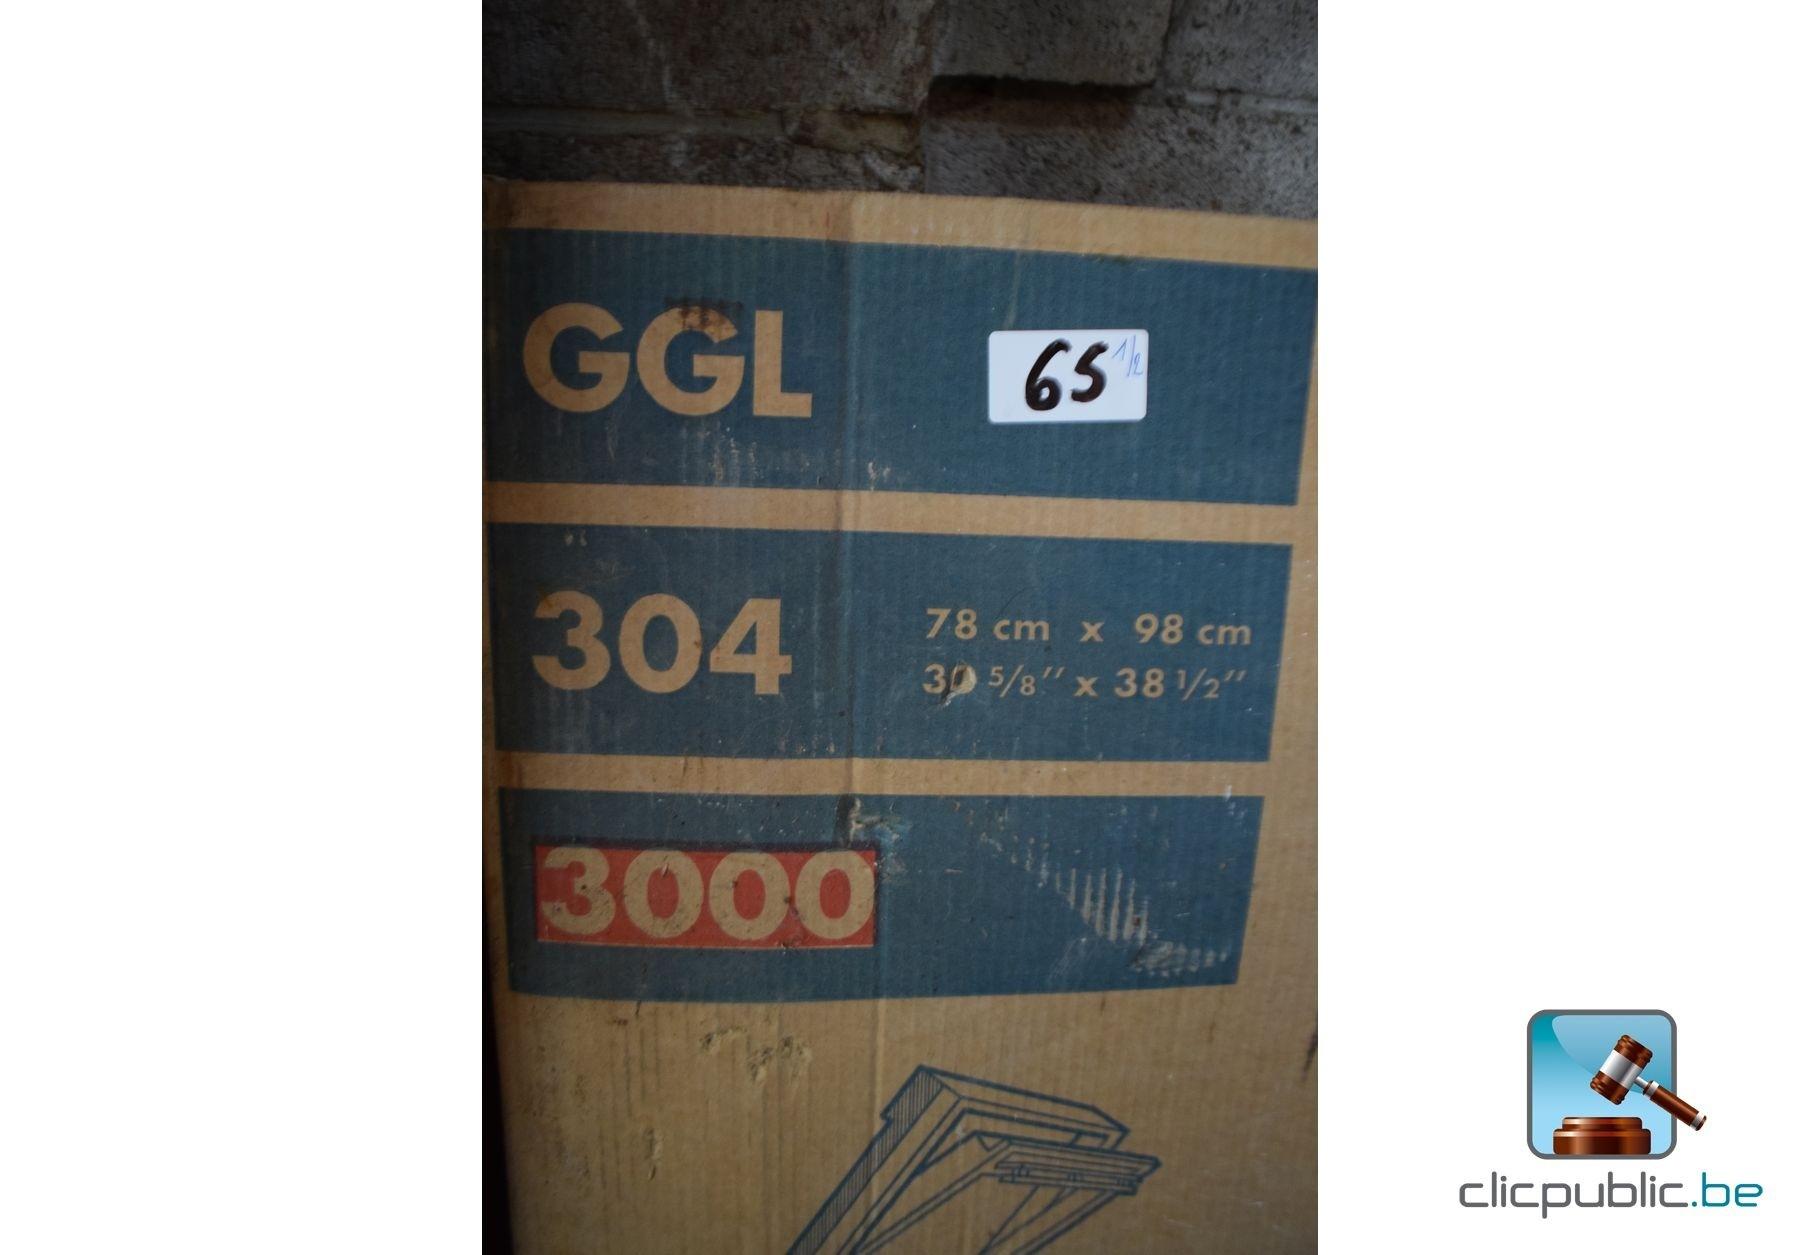 Nouveau Clicpublic EW-58